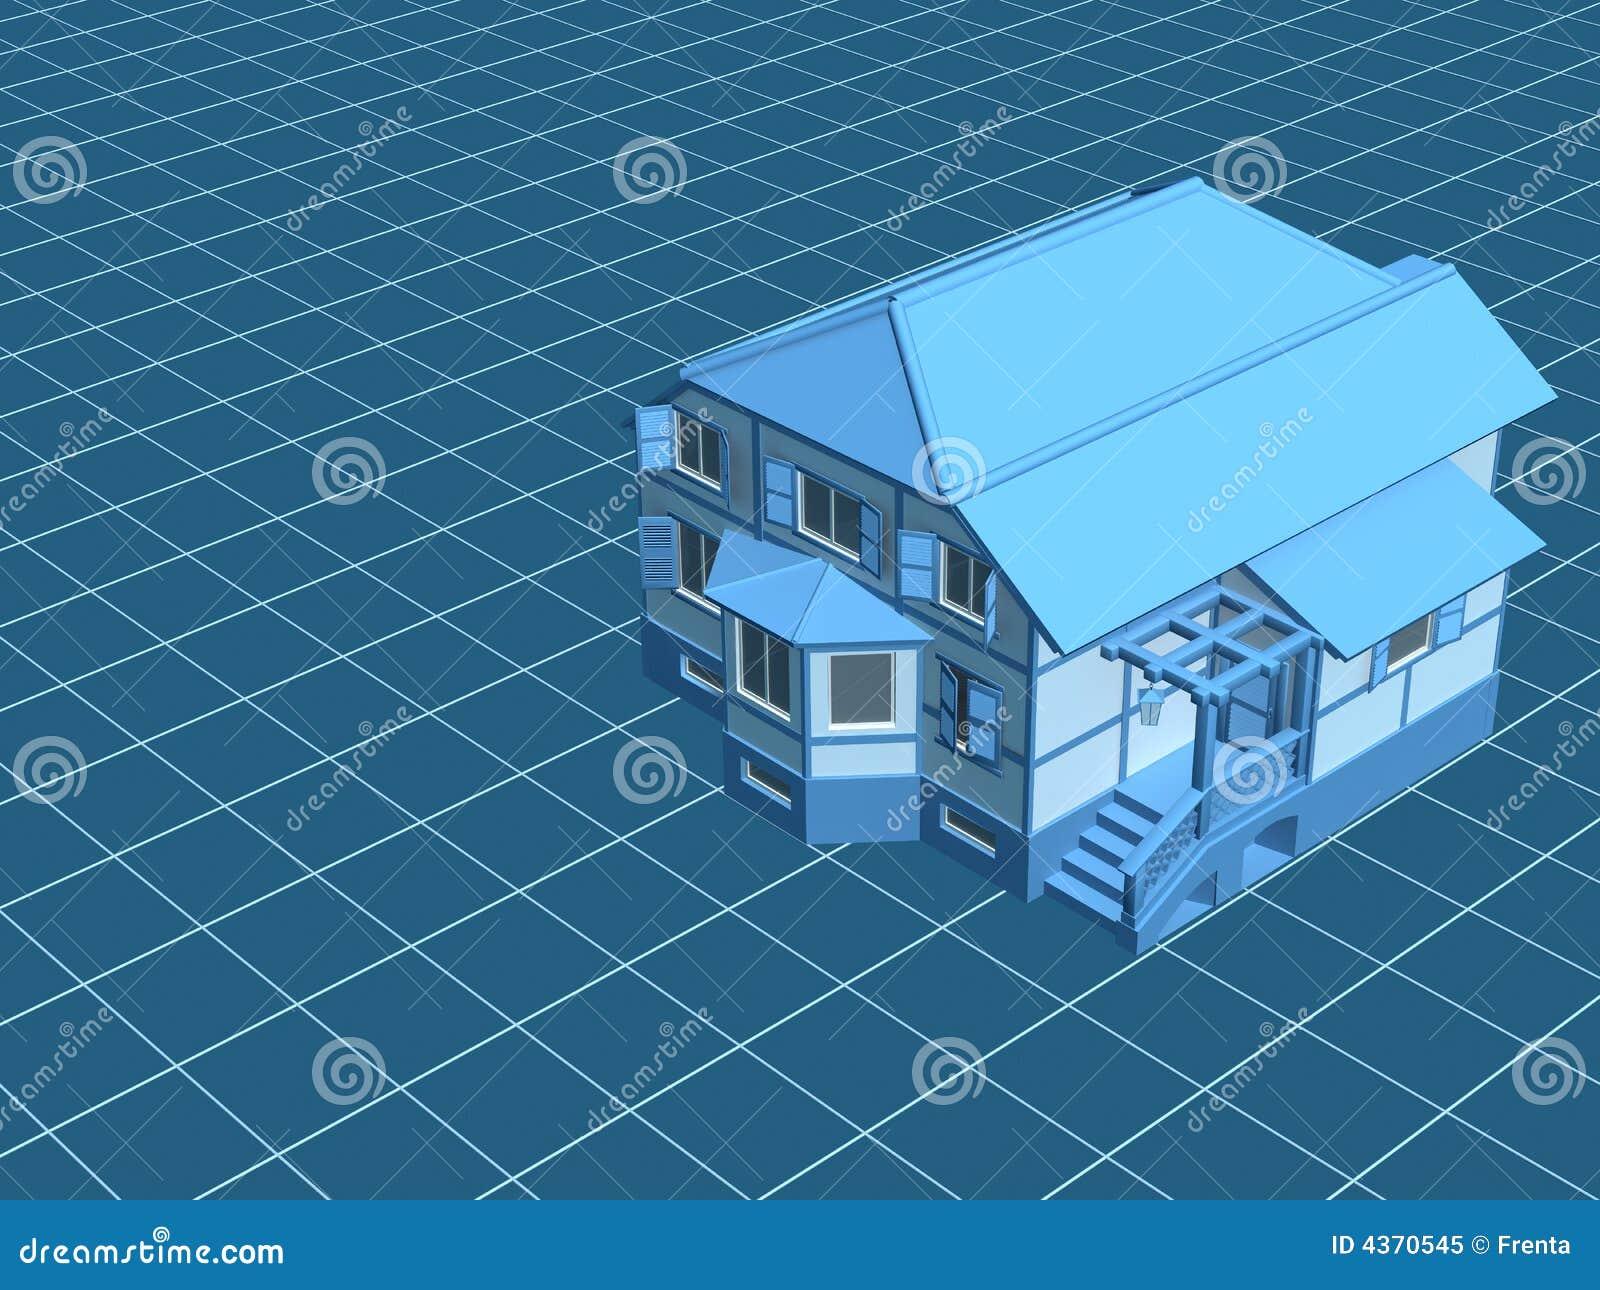 3d model het huis, waard op een digitale oppervlakte